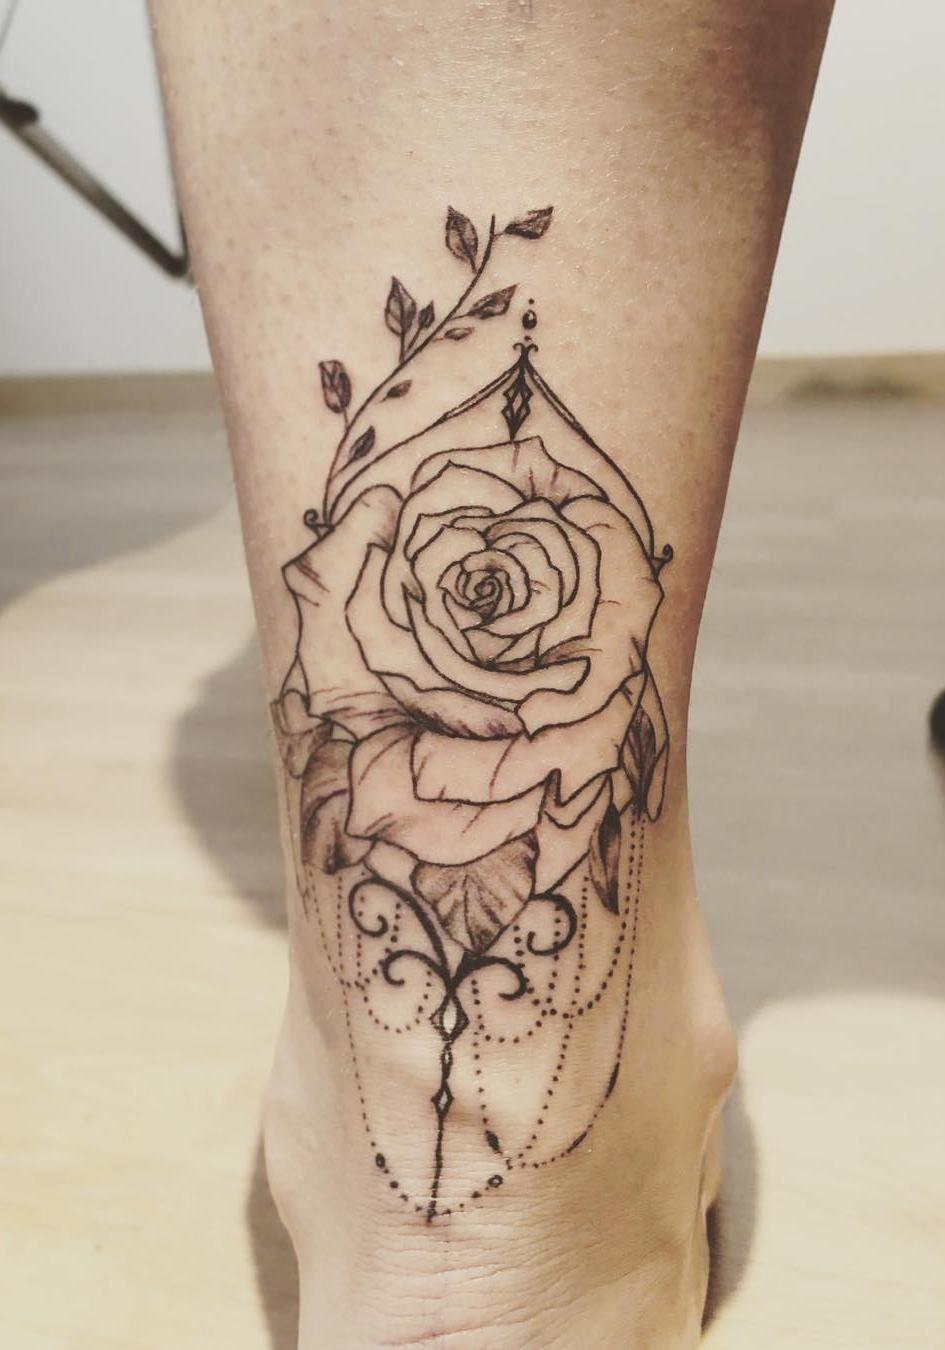 Tatuagens-no-tornozelo-16